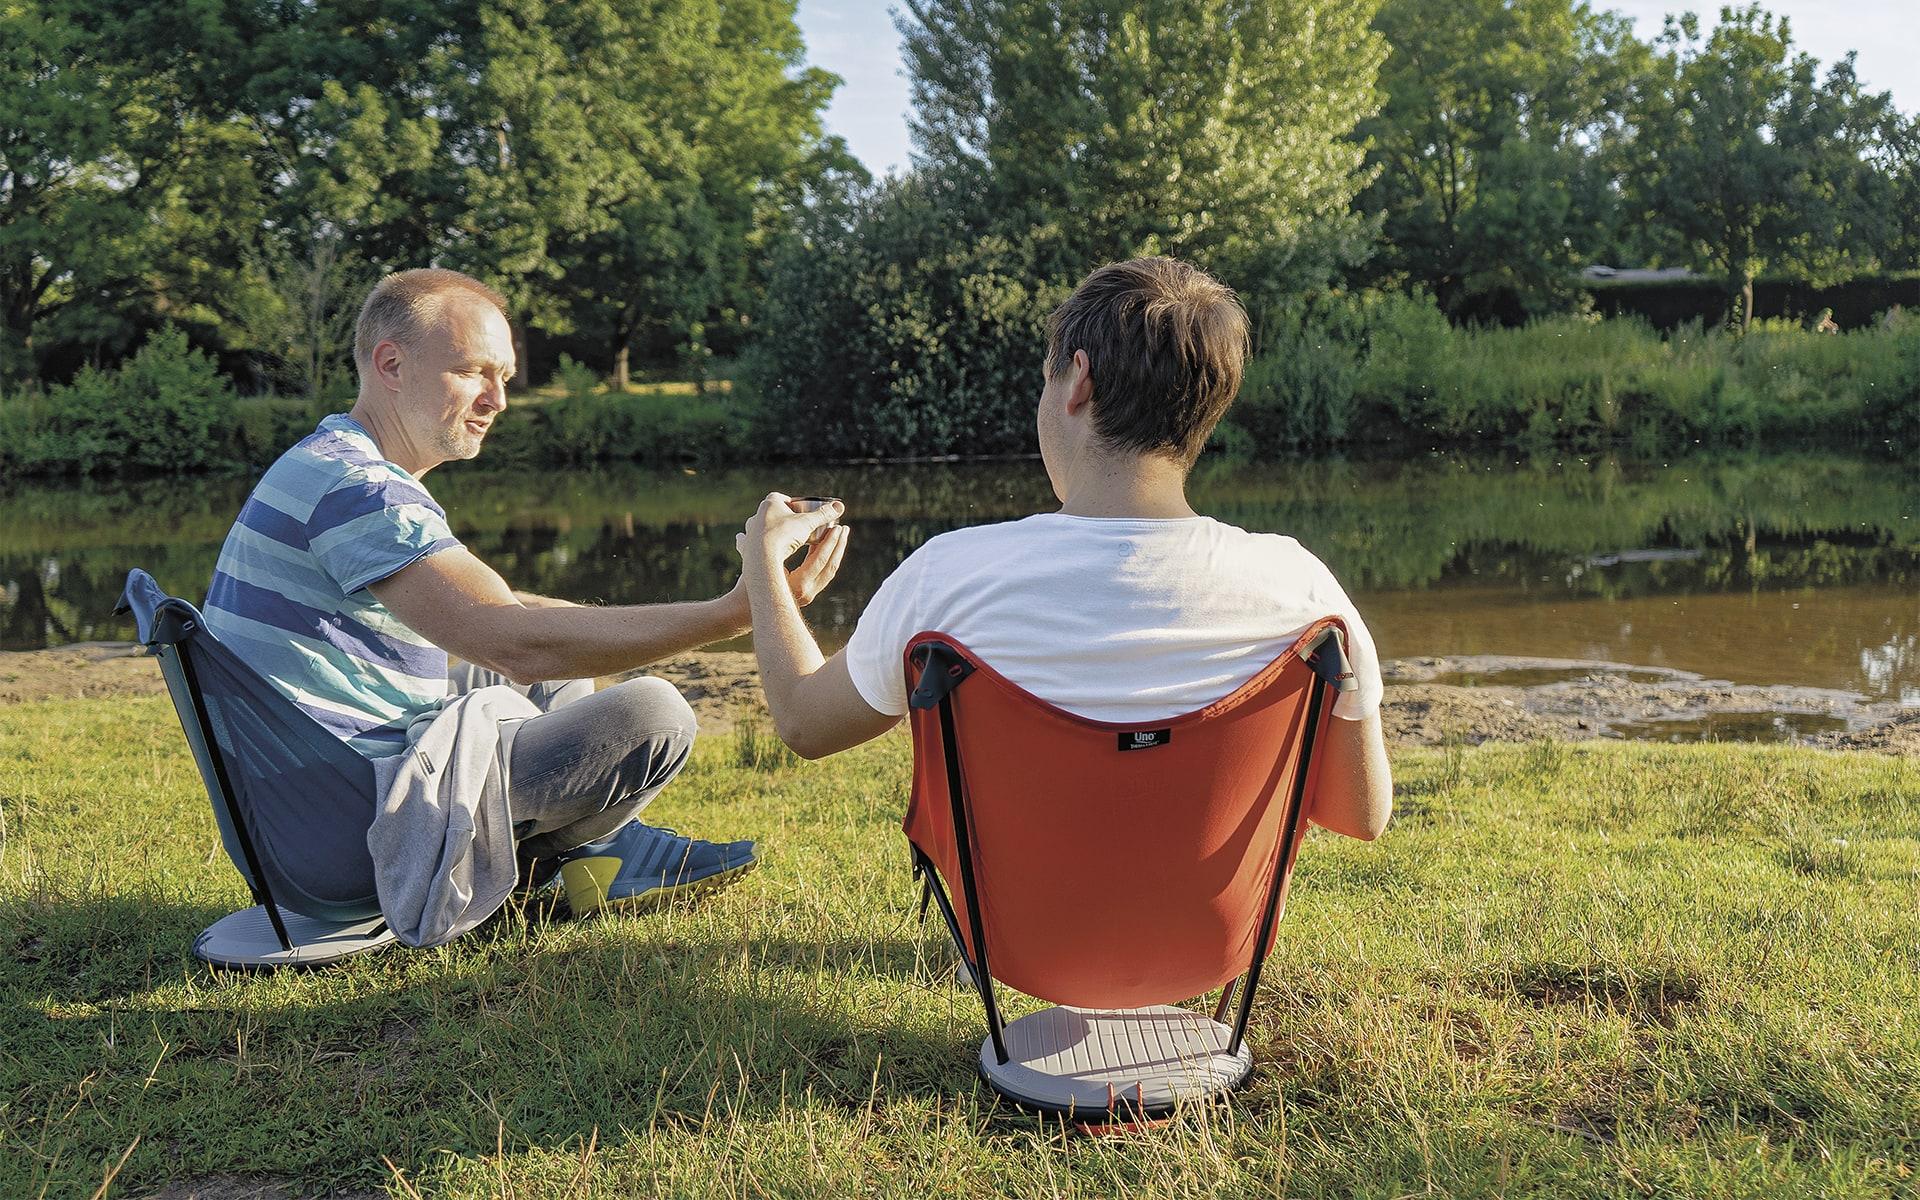 Zwei Männer in Freizeitkleidung sitzen in einem blauen und einem roten Therm-a-Rest Uno Outdoor-Stuhl von ITO Design neben einem Fluss, der eine reicht dem anderen einen Becher